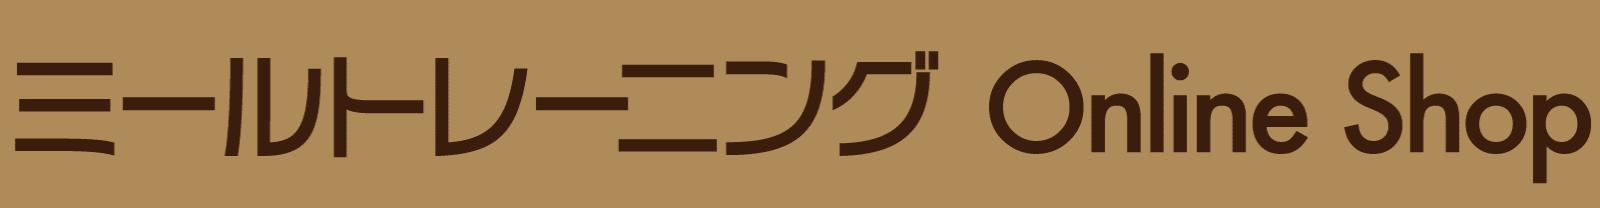 《ミールトレーニングOnlineShop》〜 心とカラダの食育ショップ